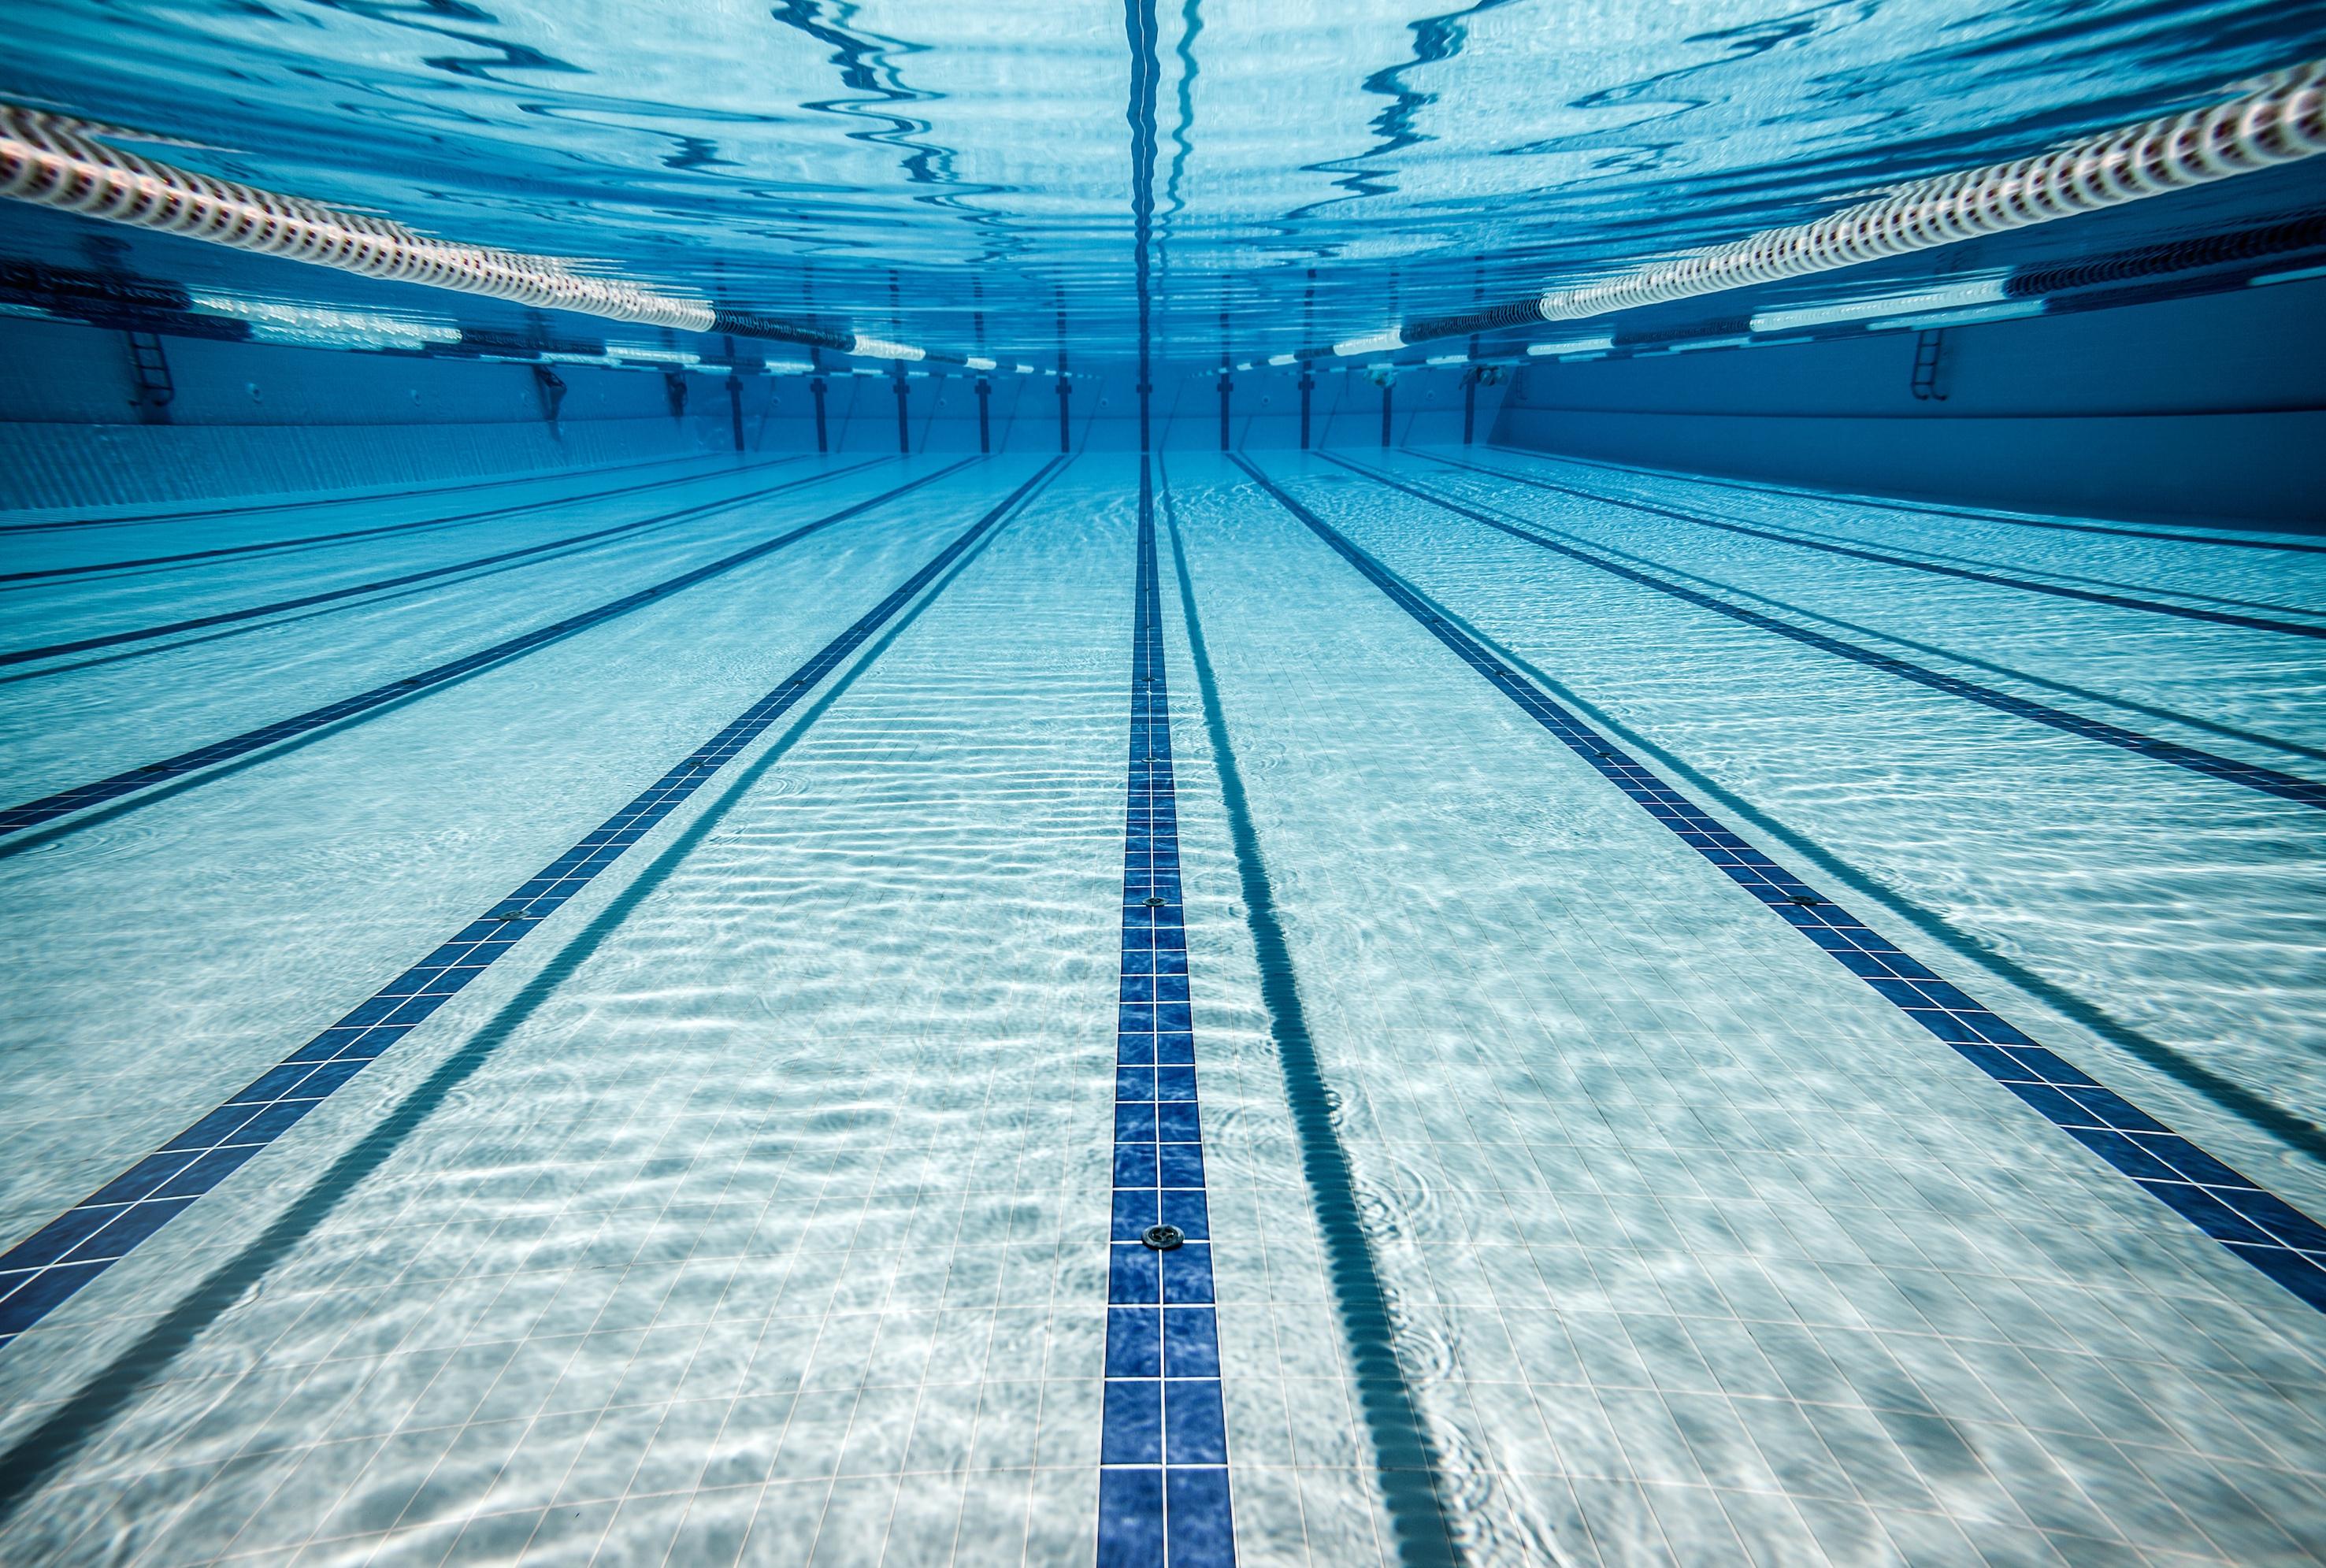 Bewezen: Zóveel liter urine bevat een zwembad!